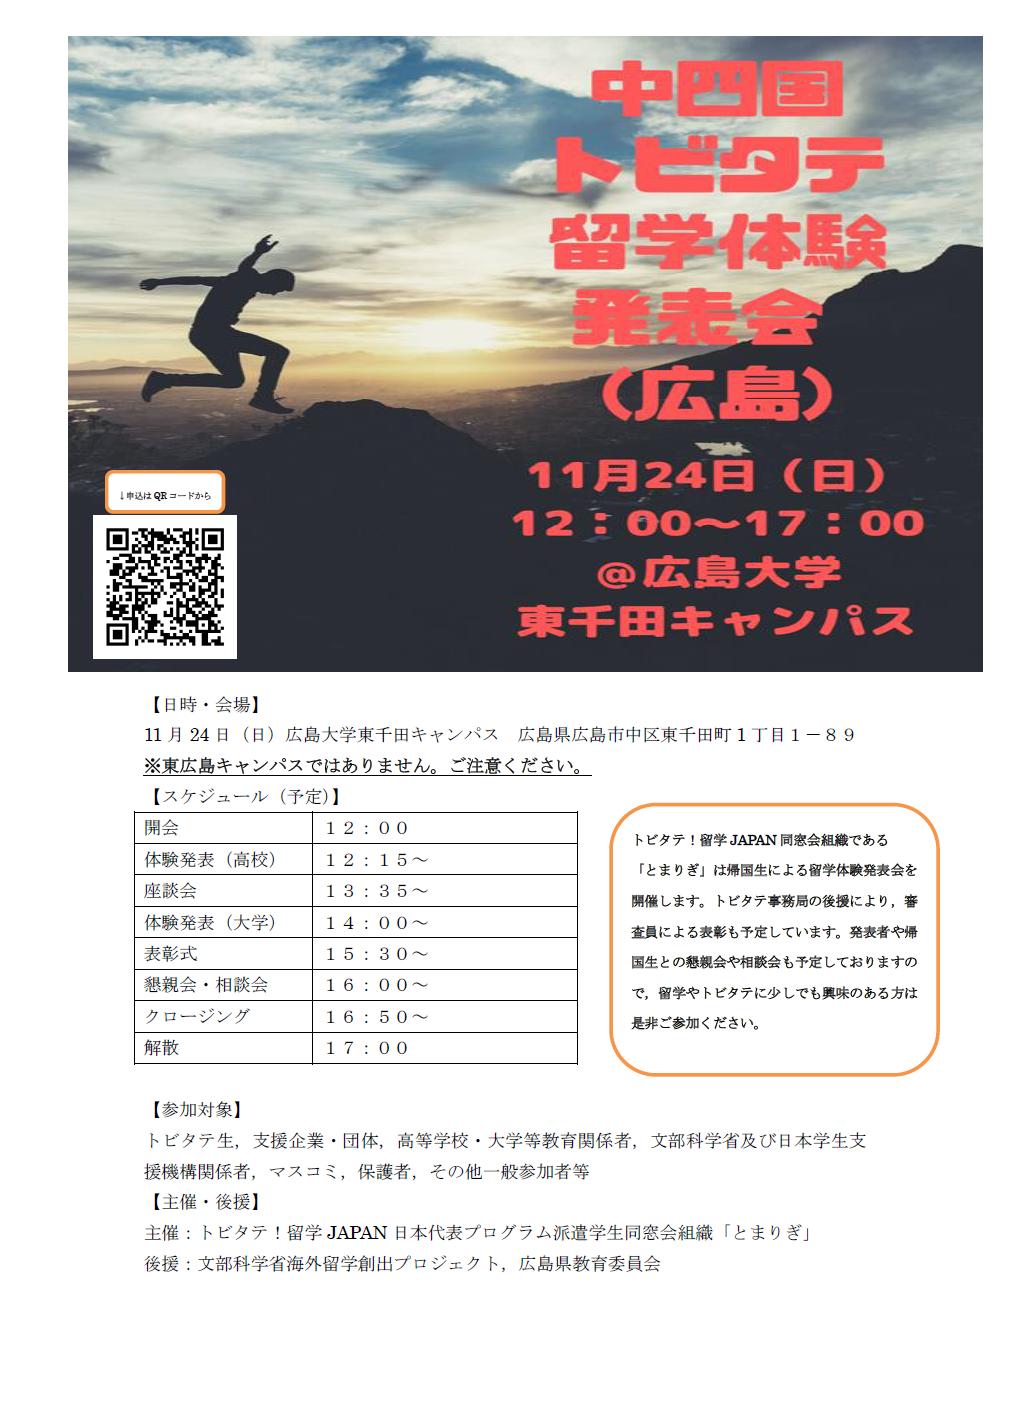 「中四国トビタテ留学体験発表会in広島」の開催について